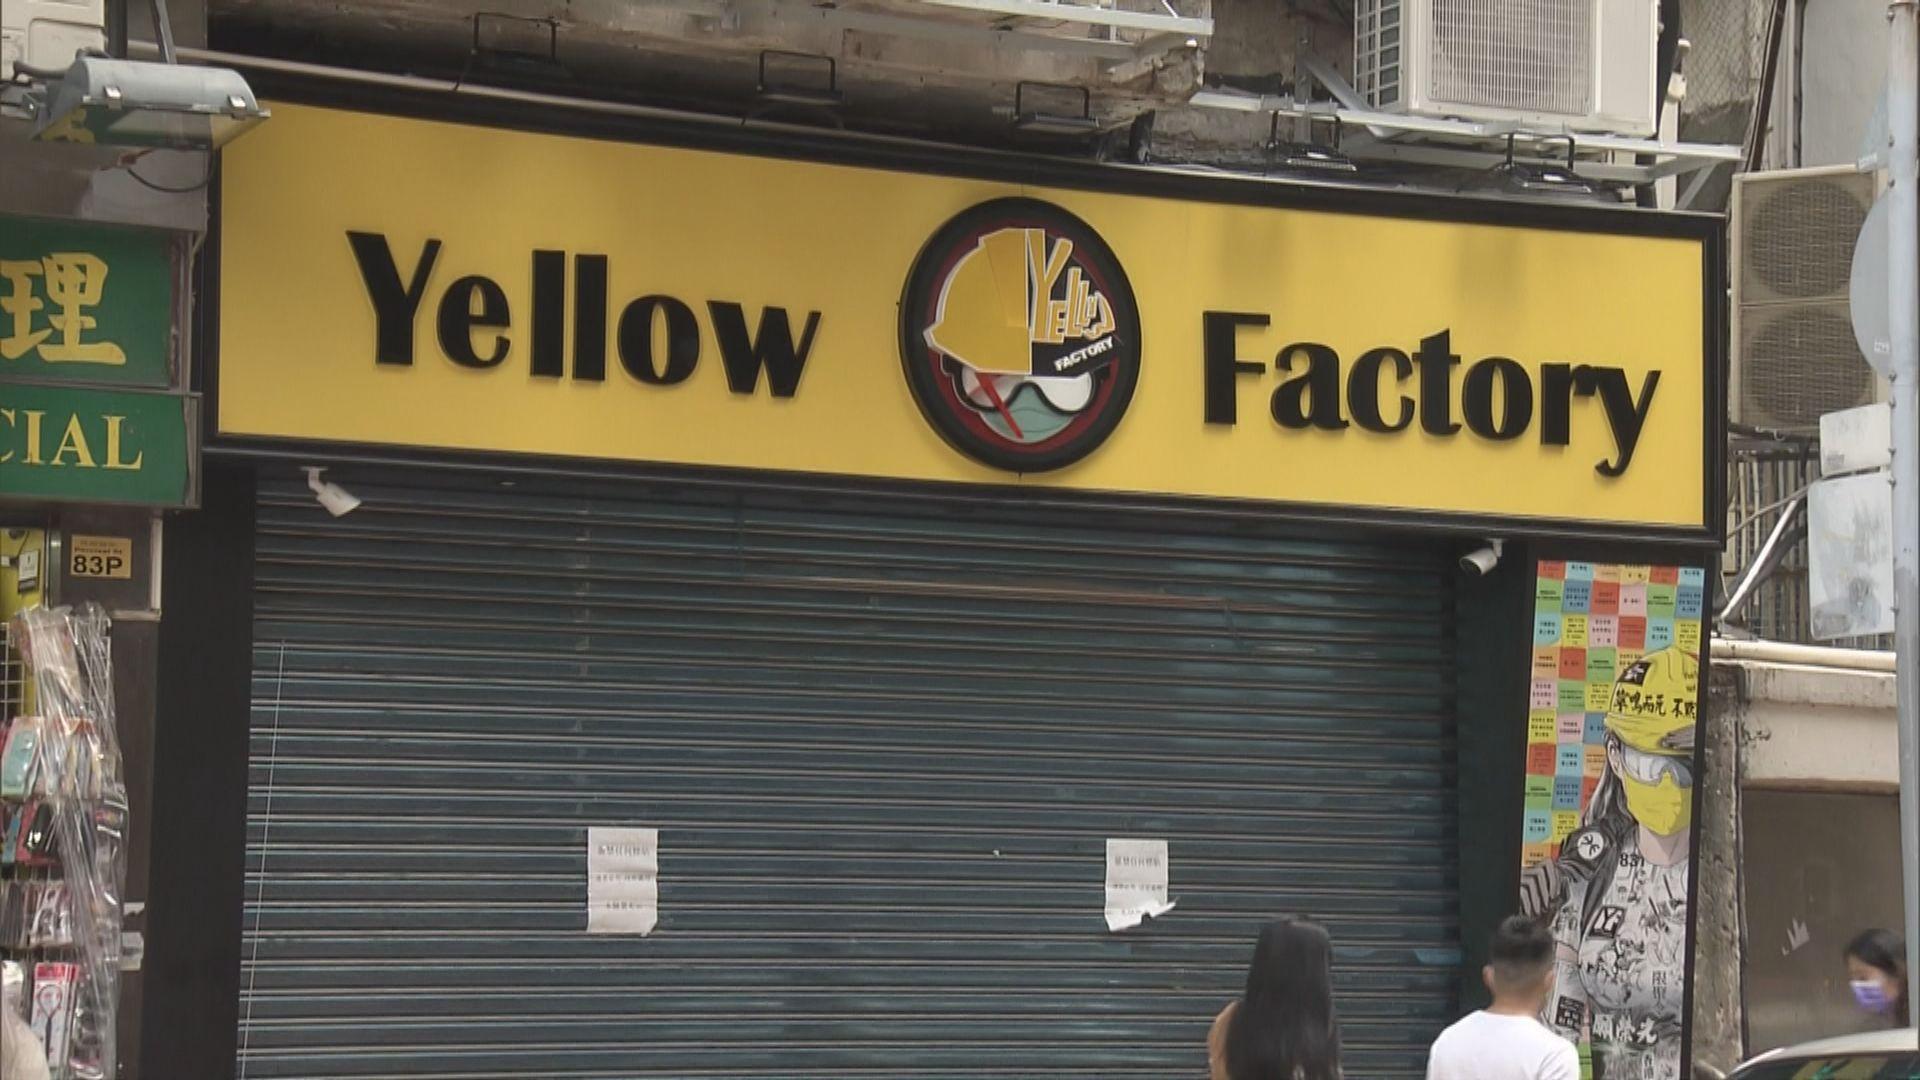 口罩廠「黃廠」被指或觸犯國安法下自行暫停營業